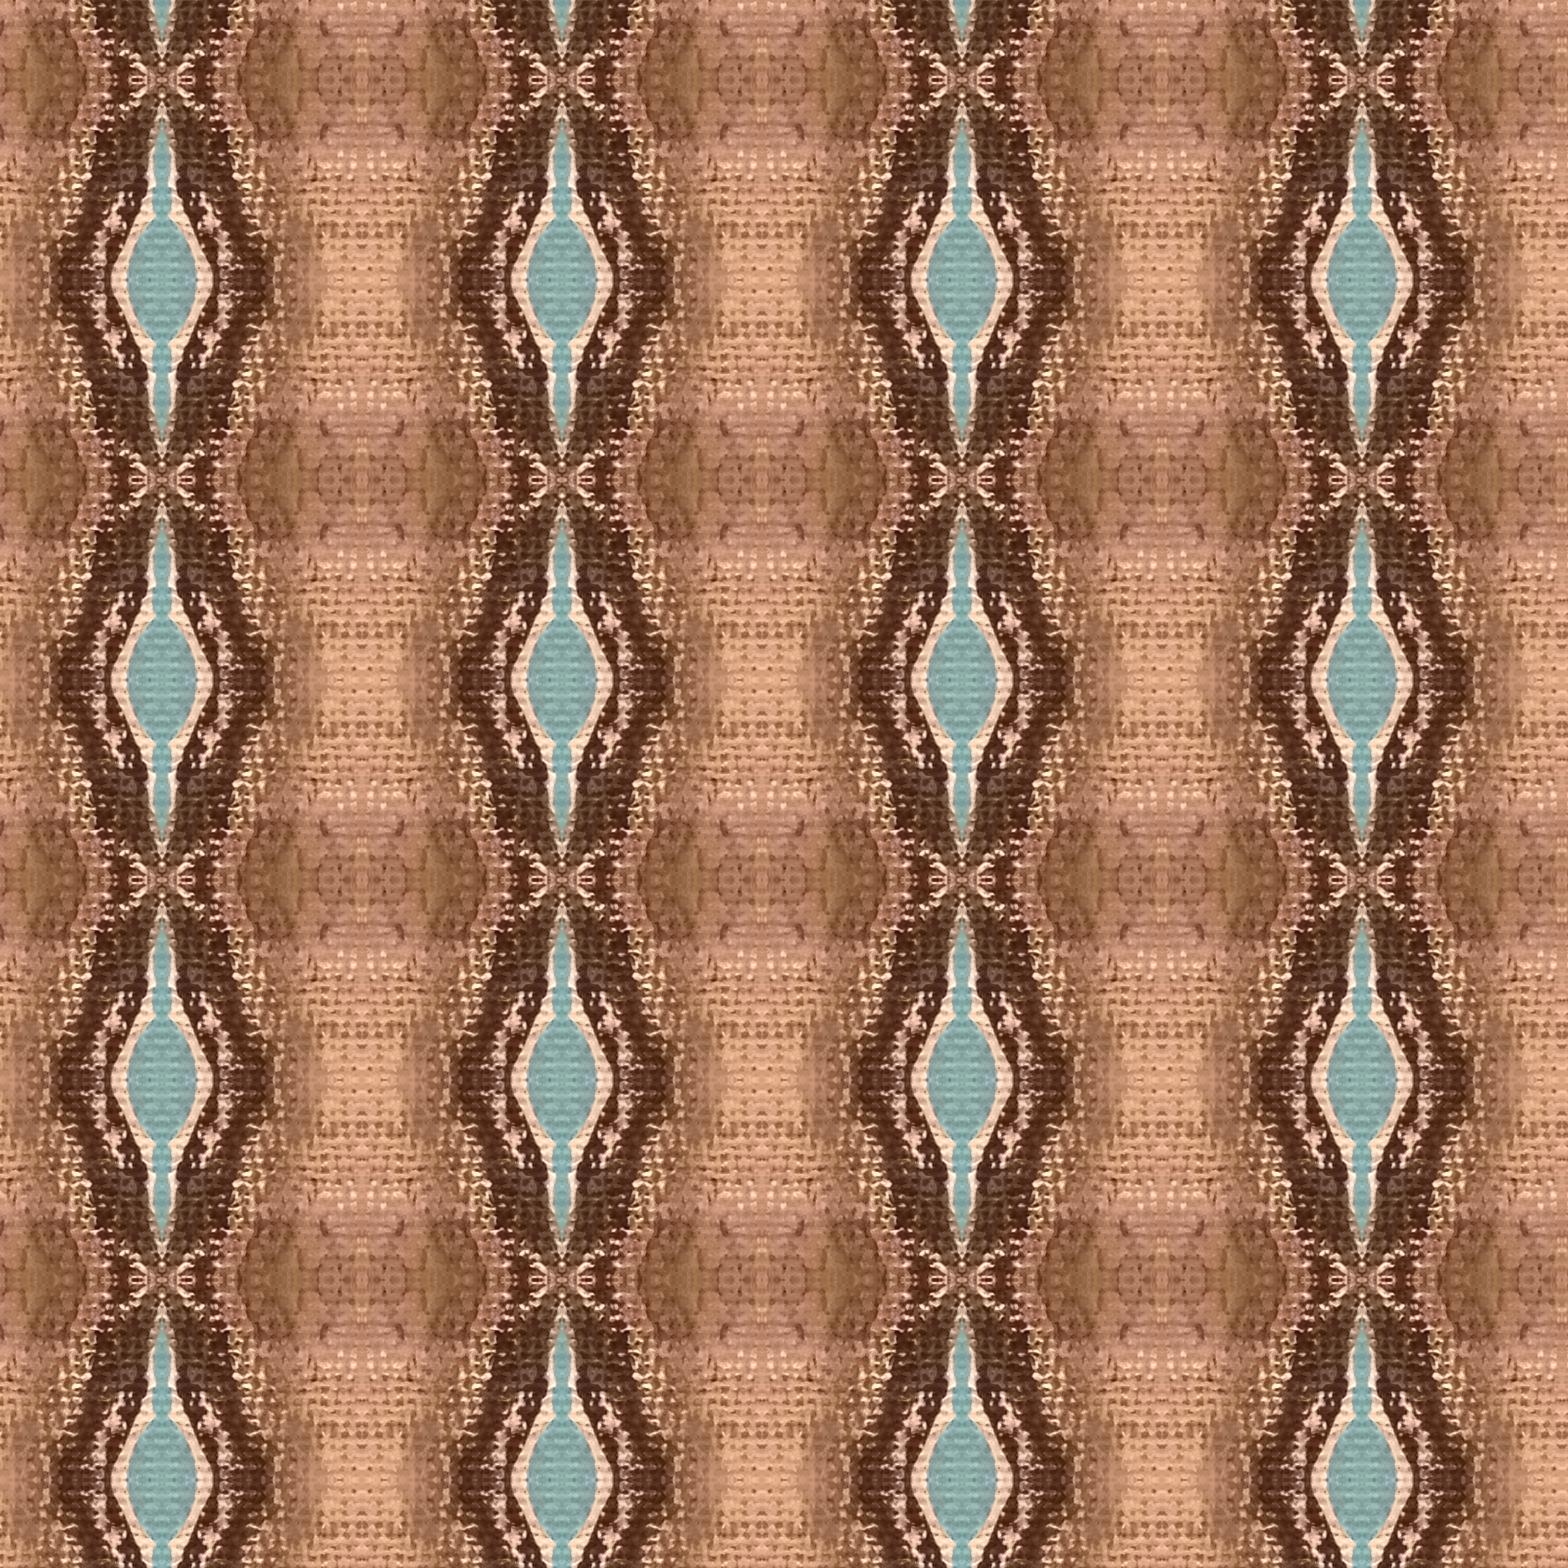 Fabric design _8873_8i